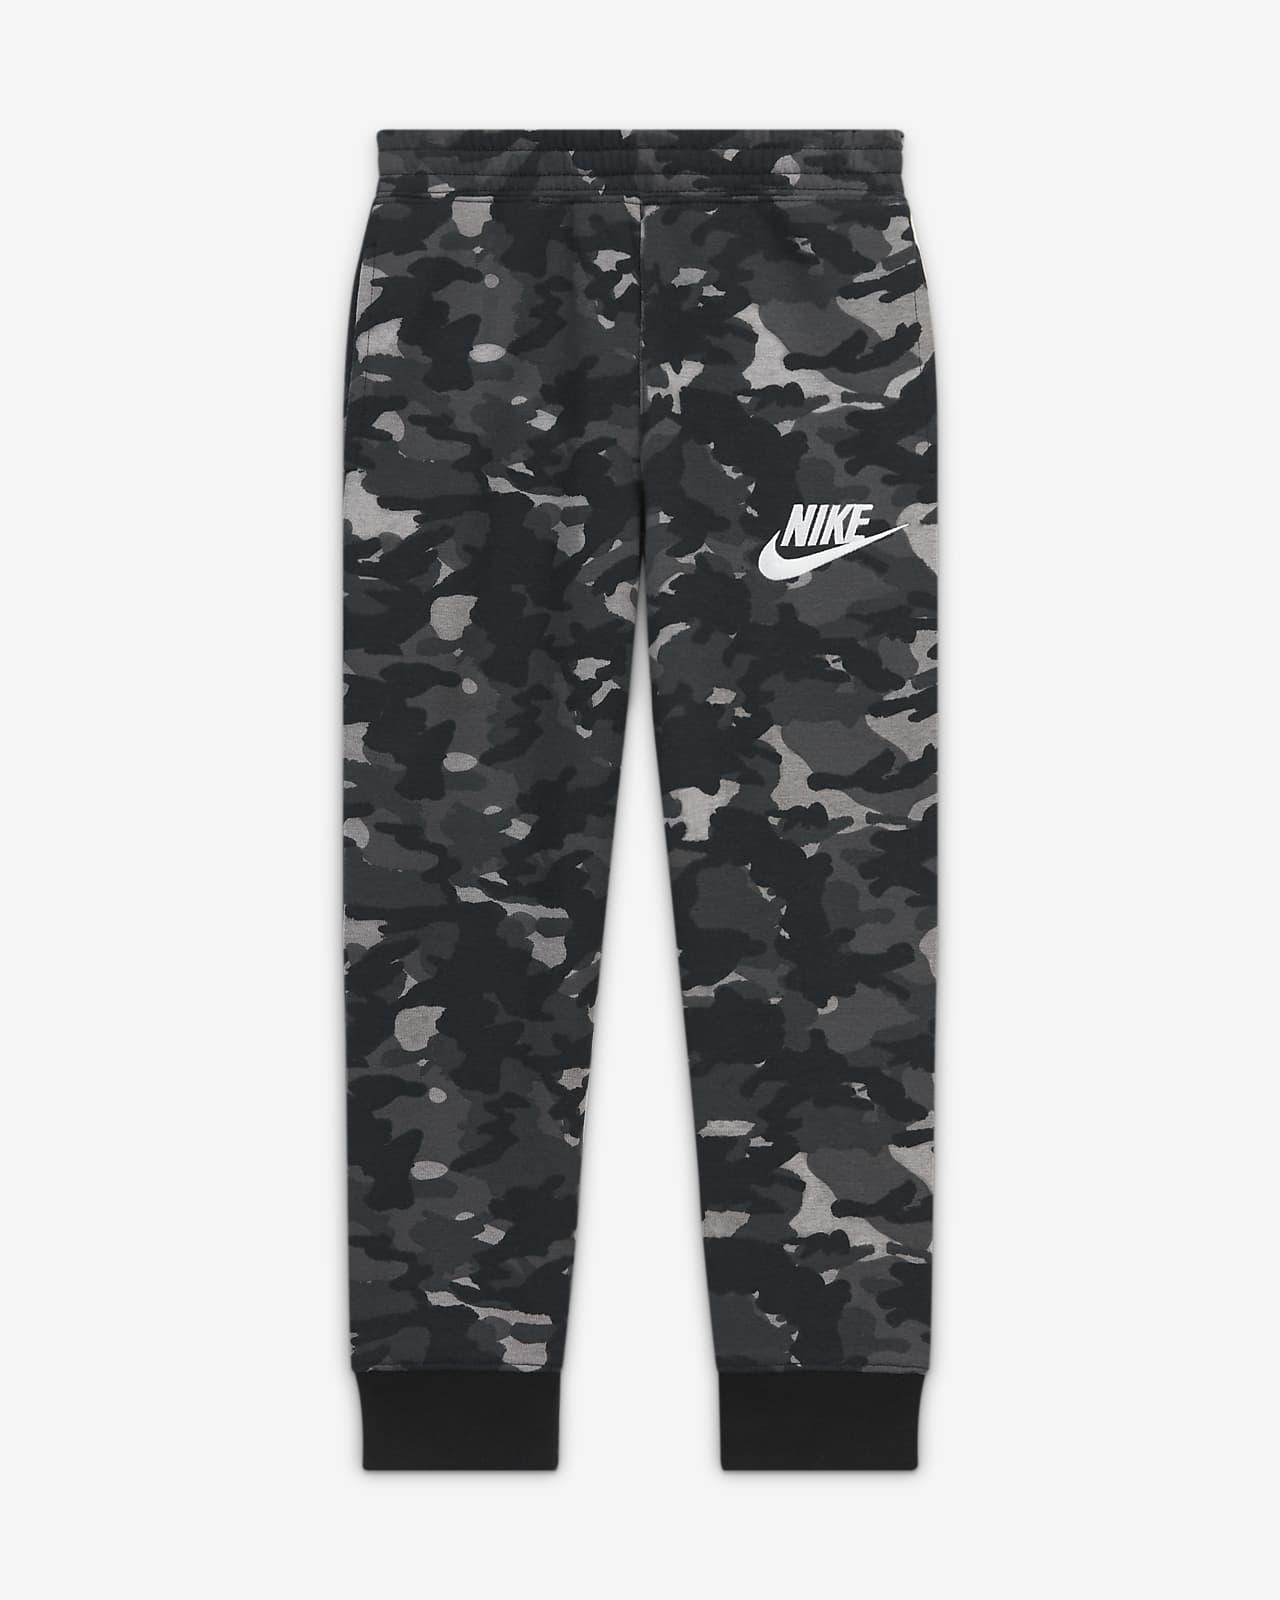 Pantalones camuflados para niños talla pequeña Nike